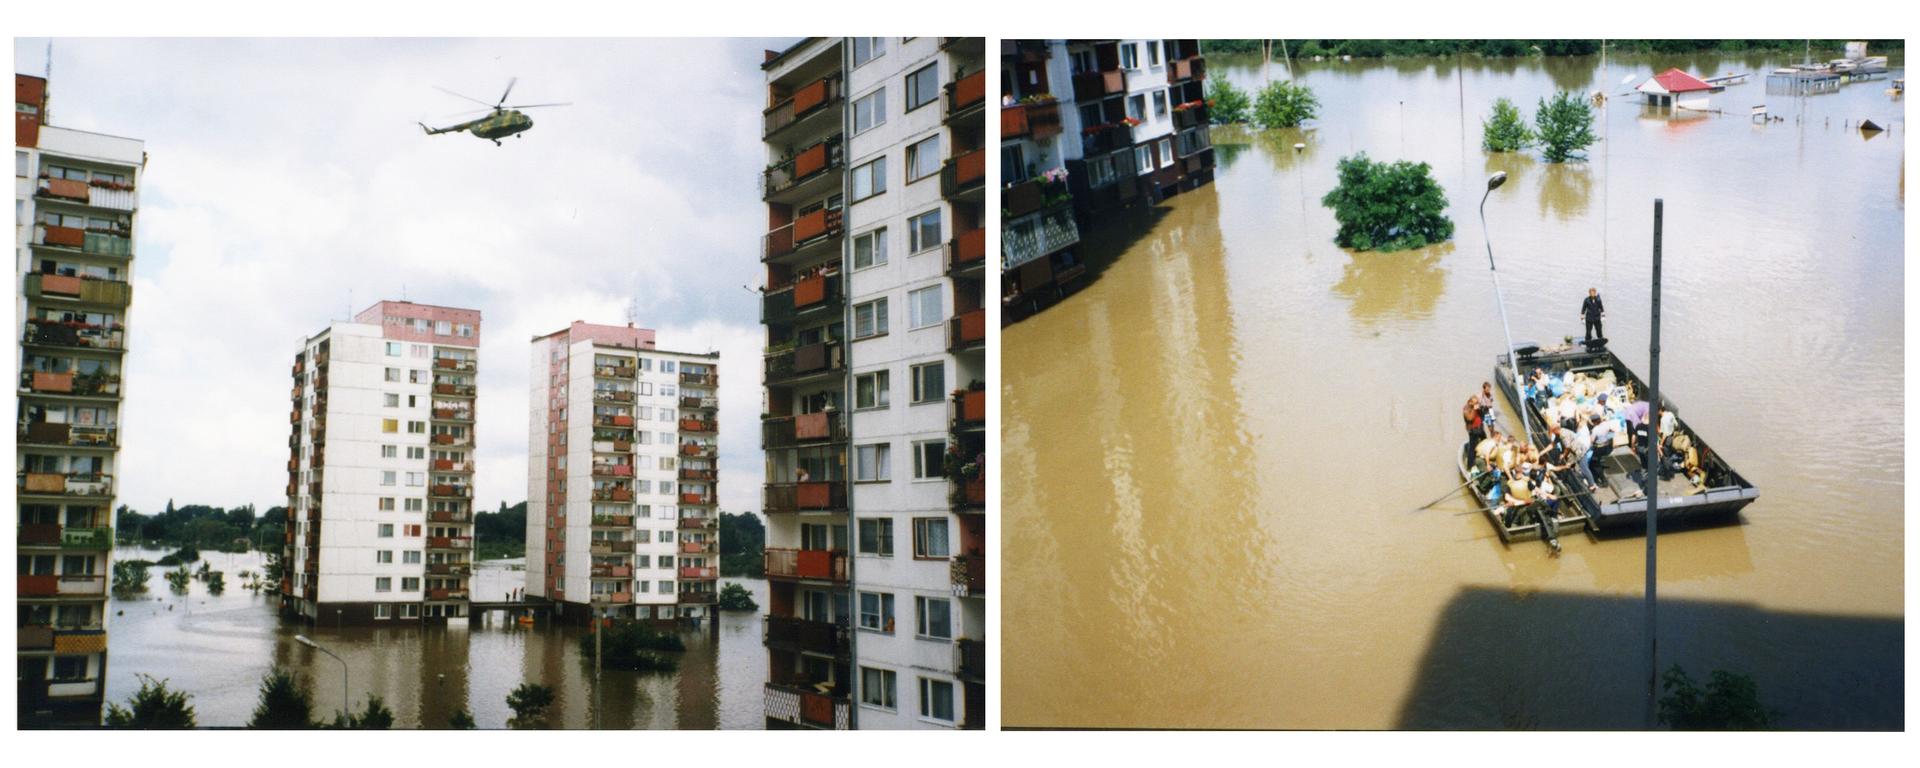 Ilustracja zawiera dwa zdjęcia przedstawiające miasto podczas powodzi na przykładzie Wrocławia latem tysiąc dziewięćset dziewięćdziesiątego siódmego roku. Na lewym zdjęciu na pierwszym planie zalane trawniki iuliczki na osiedlu blokowym. Na zalanym terenie cztery dziesięciopiętrowe bloki. Blok po lewej iprawej widoczny tylko wczęści. Wtle widoczne dwa bloki. Ściany bloków pomalowane na biało. Na balkonach mieszkańcy obserwują zalane tereny osiedla. Nad budynkami unosi się helikopter. Prawe zdjęcie przedstawia zalane tereny na osiedlu oglądane zokna jednego zbudynków. Woda jest mętna ibrązowa, ogładniej powierzchni. Na środku widoczne dwie łodzie zmieszkańcami ewakuującymi się zzalanych terenów. Na lewo częściowo widoczny blok. Widoczne są tylko dwa dolne piętra oraz zalany parter. Po prawej częściowo zalane drzewa ilatarnie.